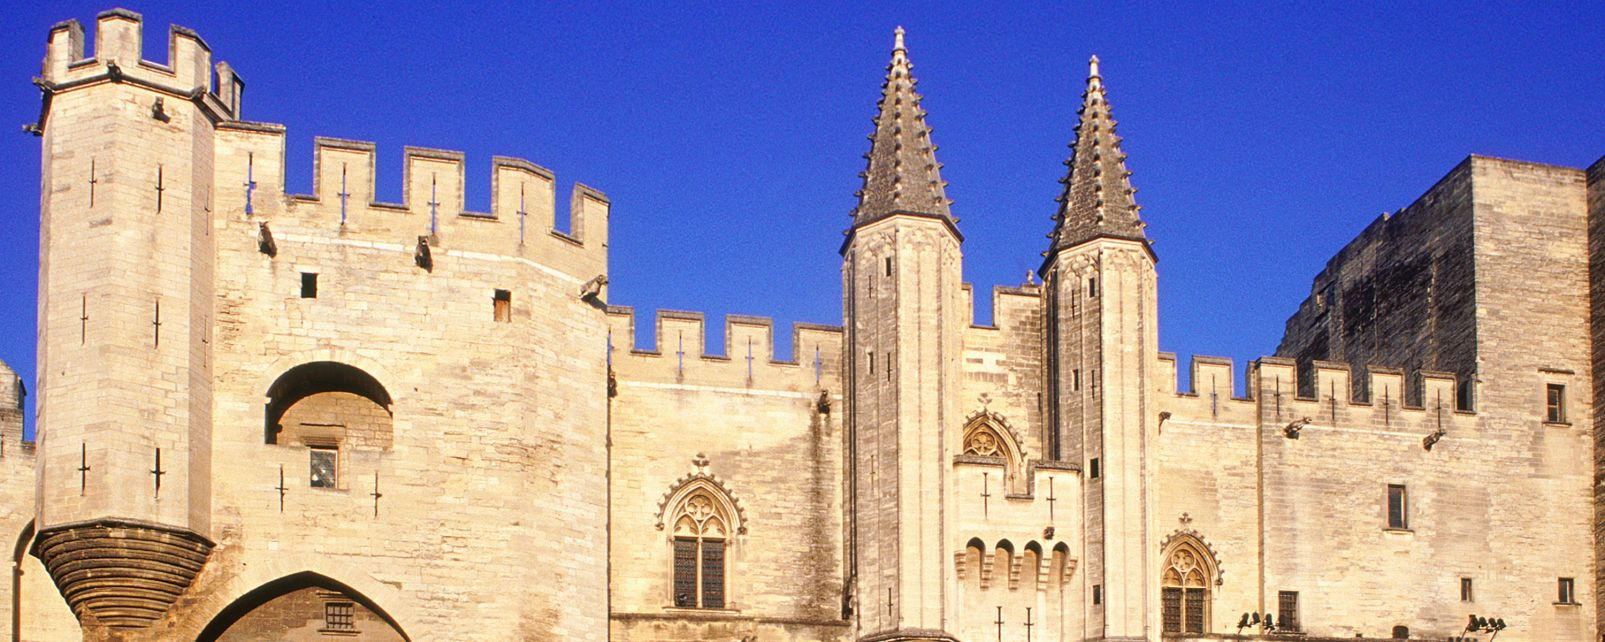 Les monuments, pascal antoine, Palais des papes FRance Vaucluse provence PACA chateau palais avignon